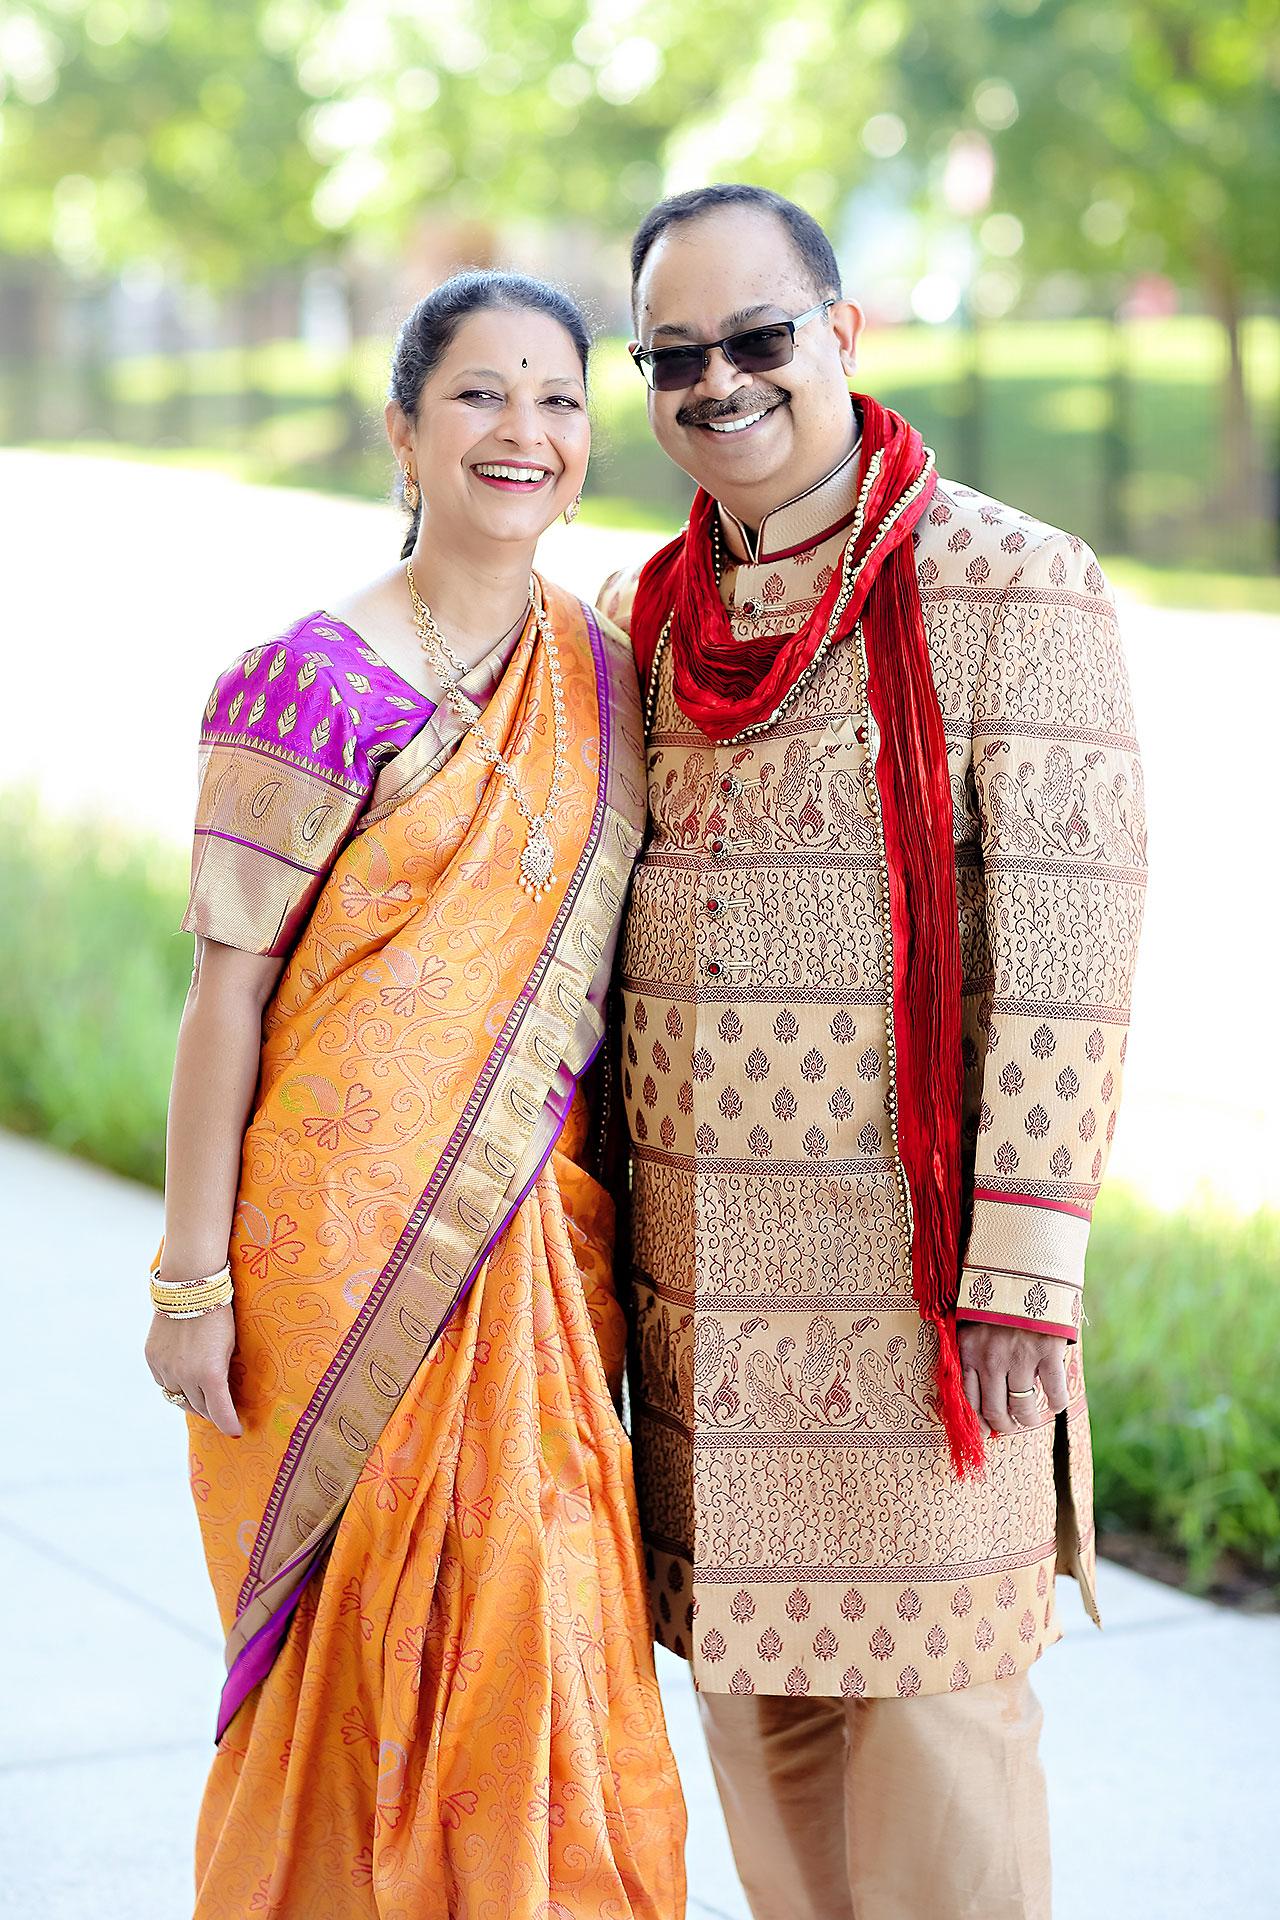 Joie Nikhil JW Marriott Indian Wedding 130